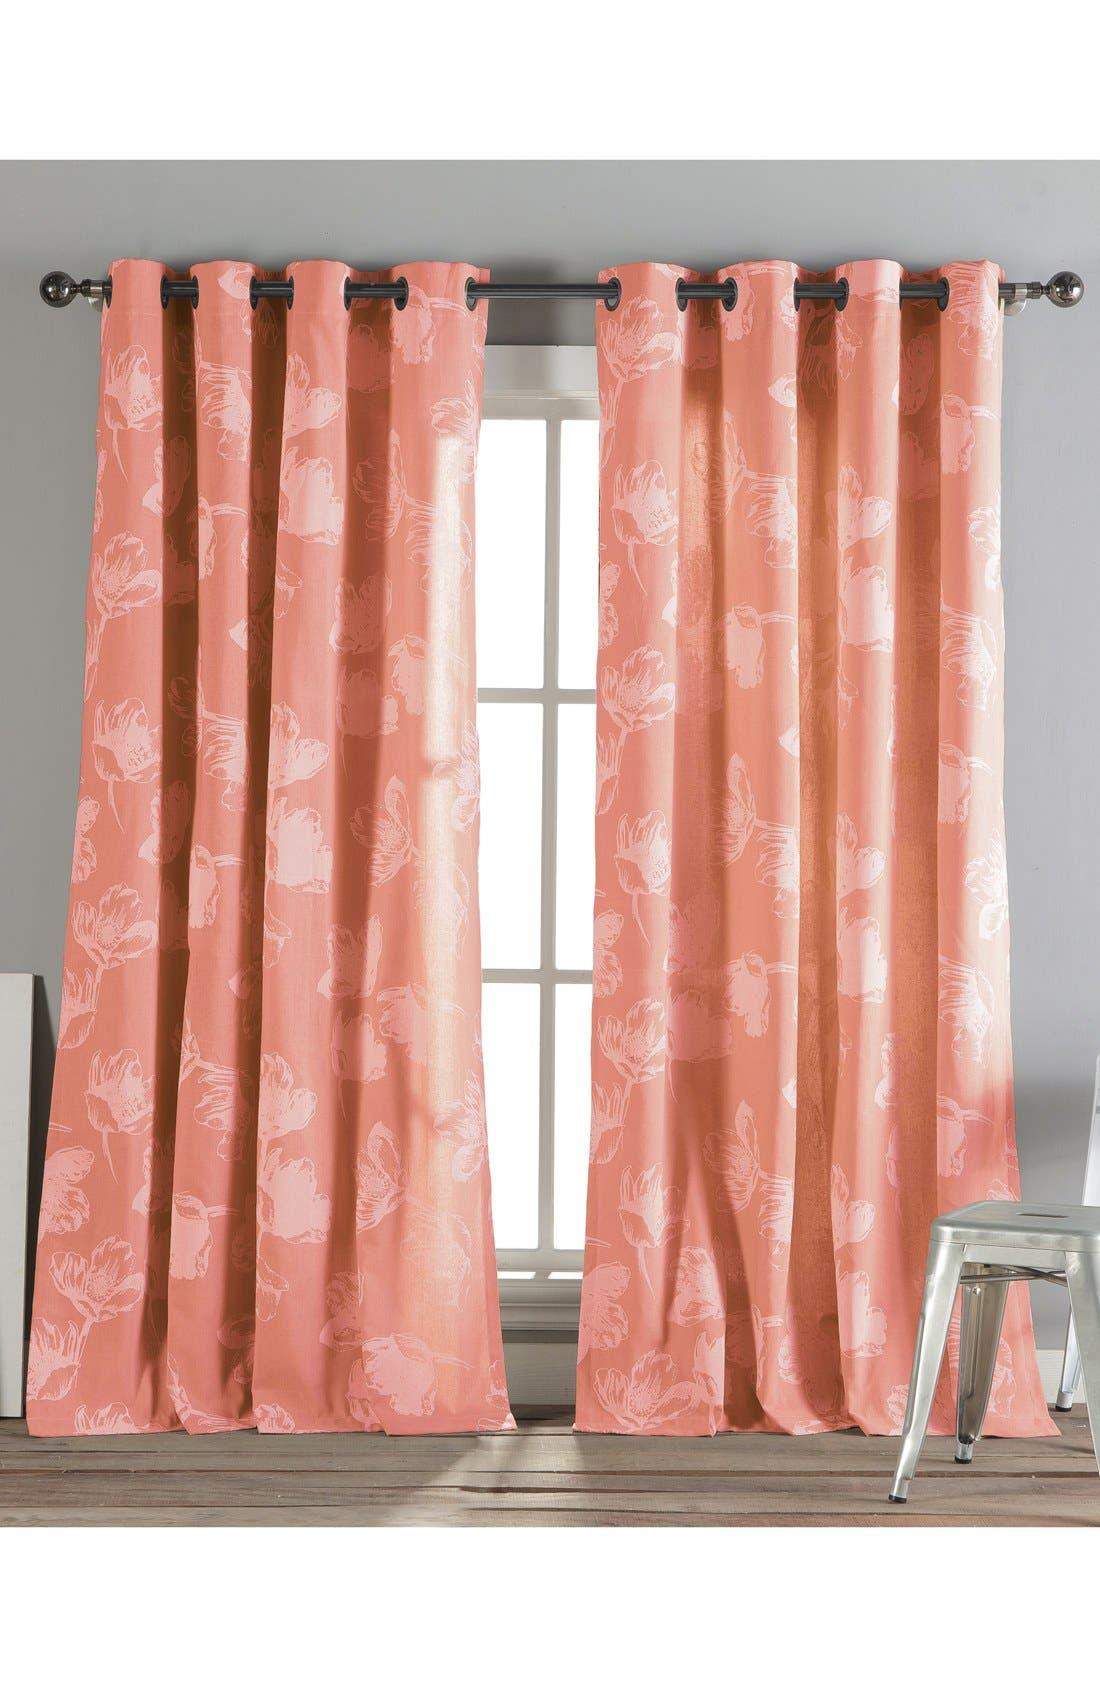 kensie 'Aster' Window Panels